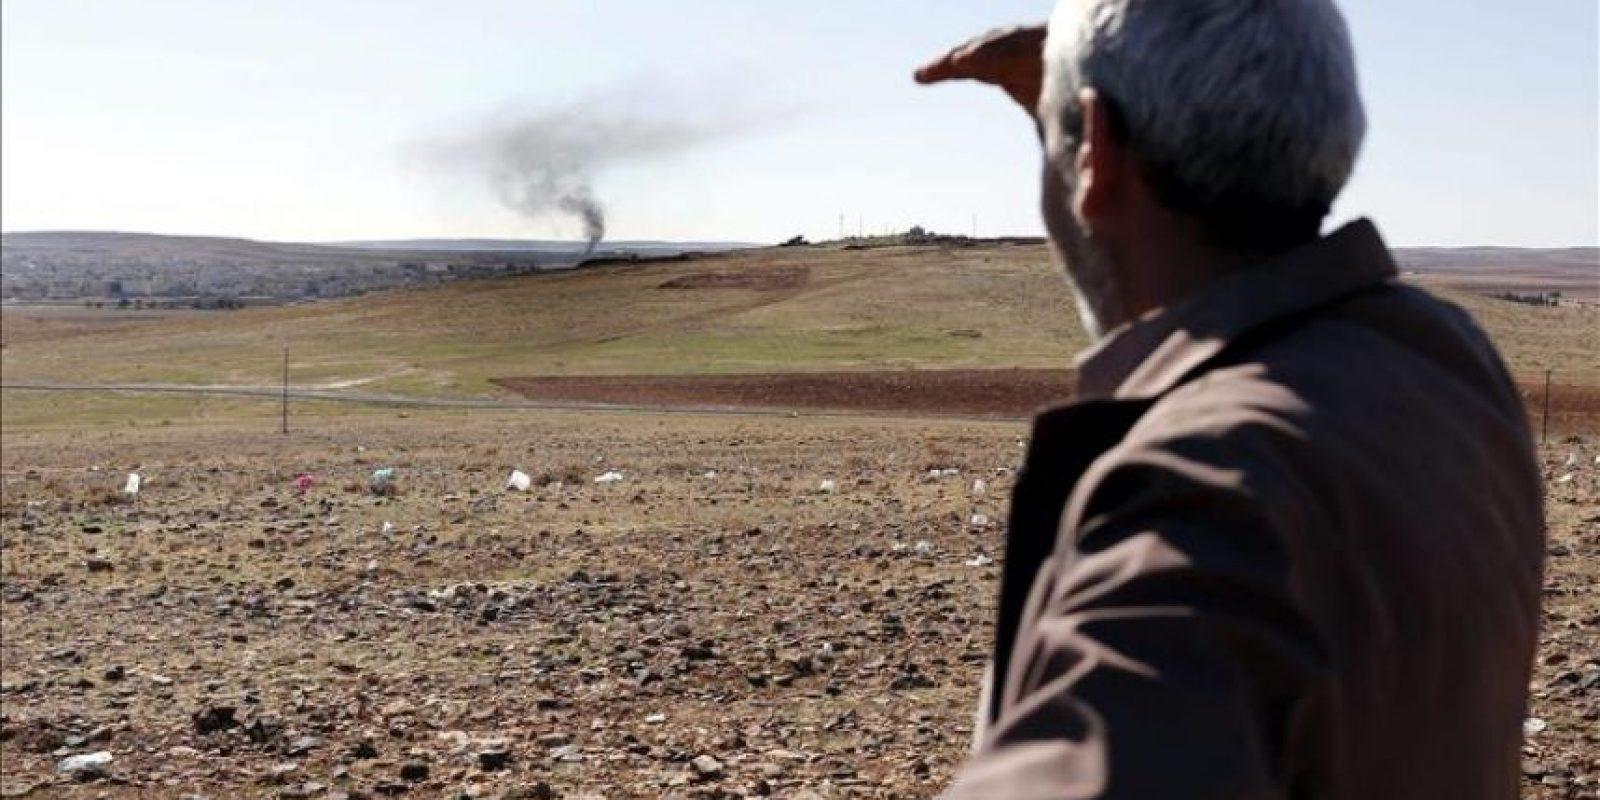 Un hombre observa una columna de humo que se eleva en la localidad kurdo-siria de Kobani vista desde la frontera en Sanlirufa (Turquía) tras un supuesto ataque aéreo de Estados Unidos este martes. EFE